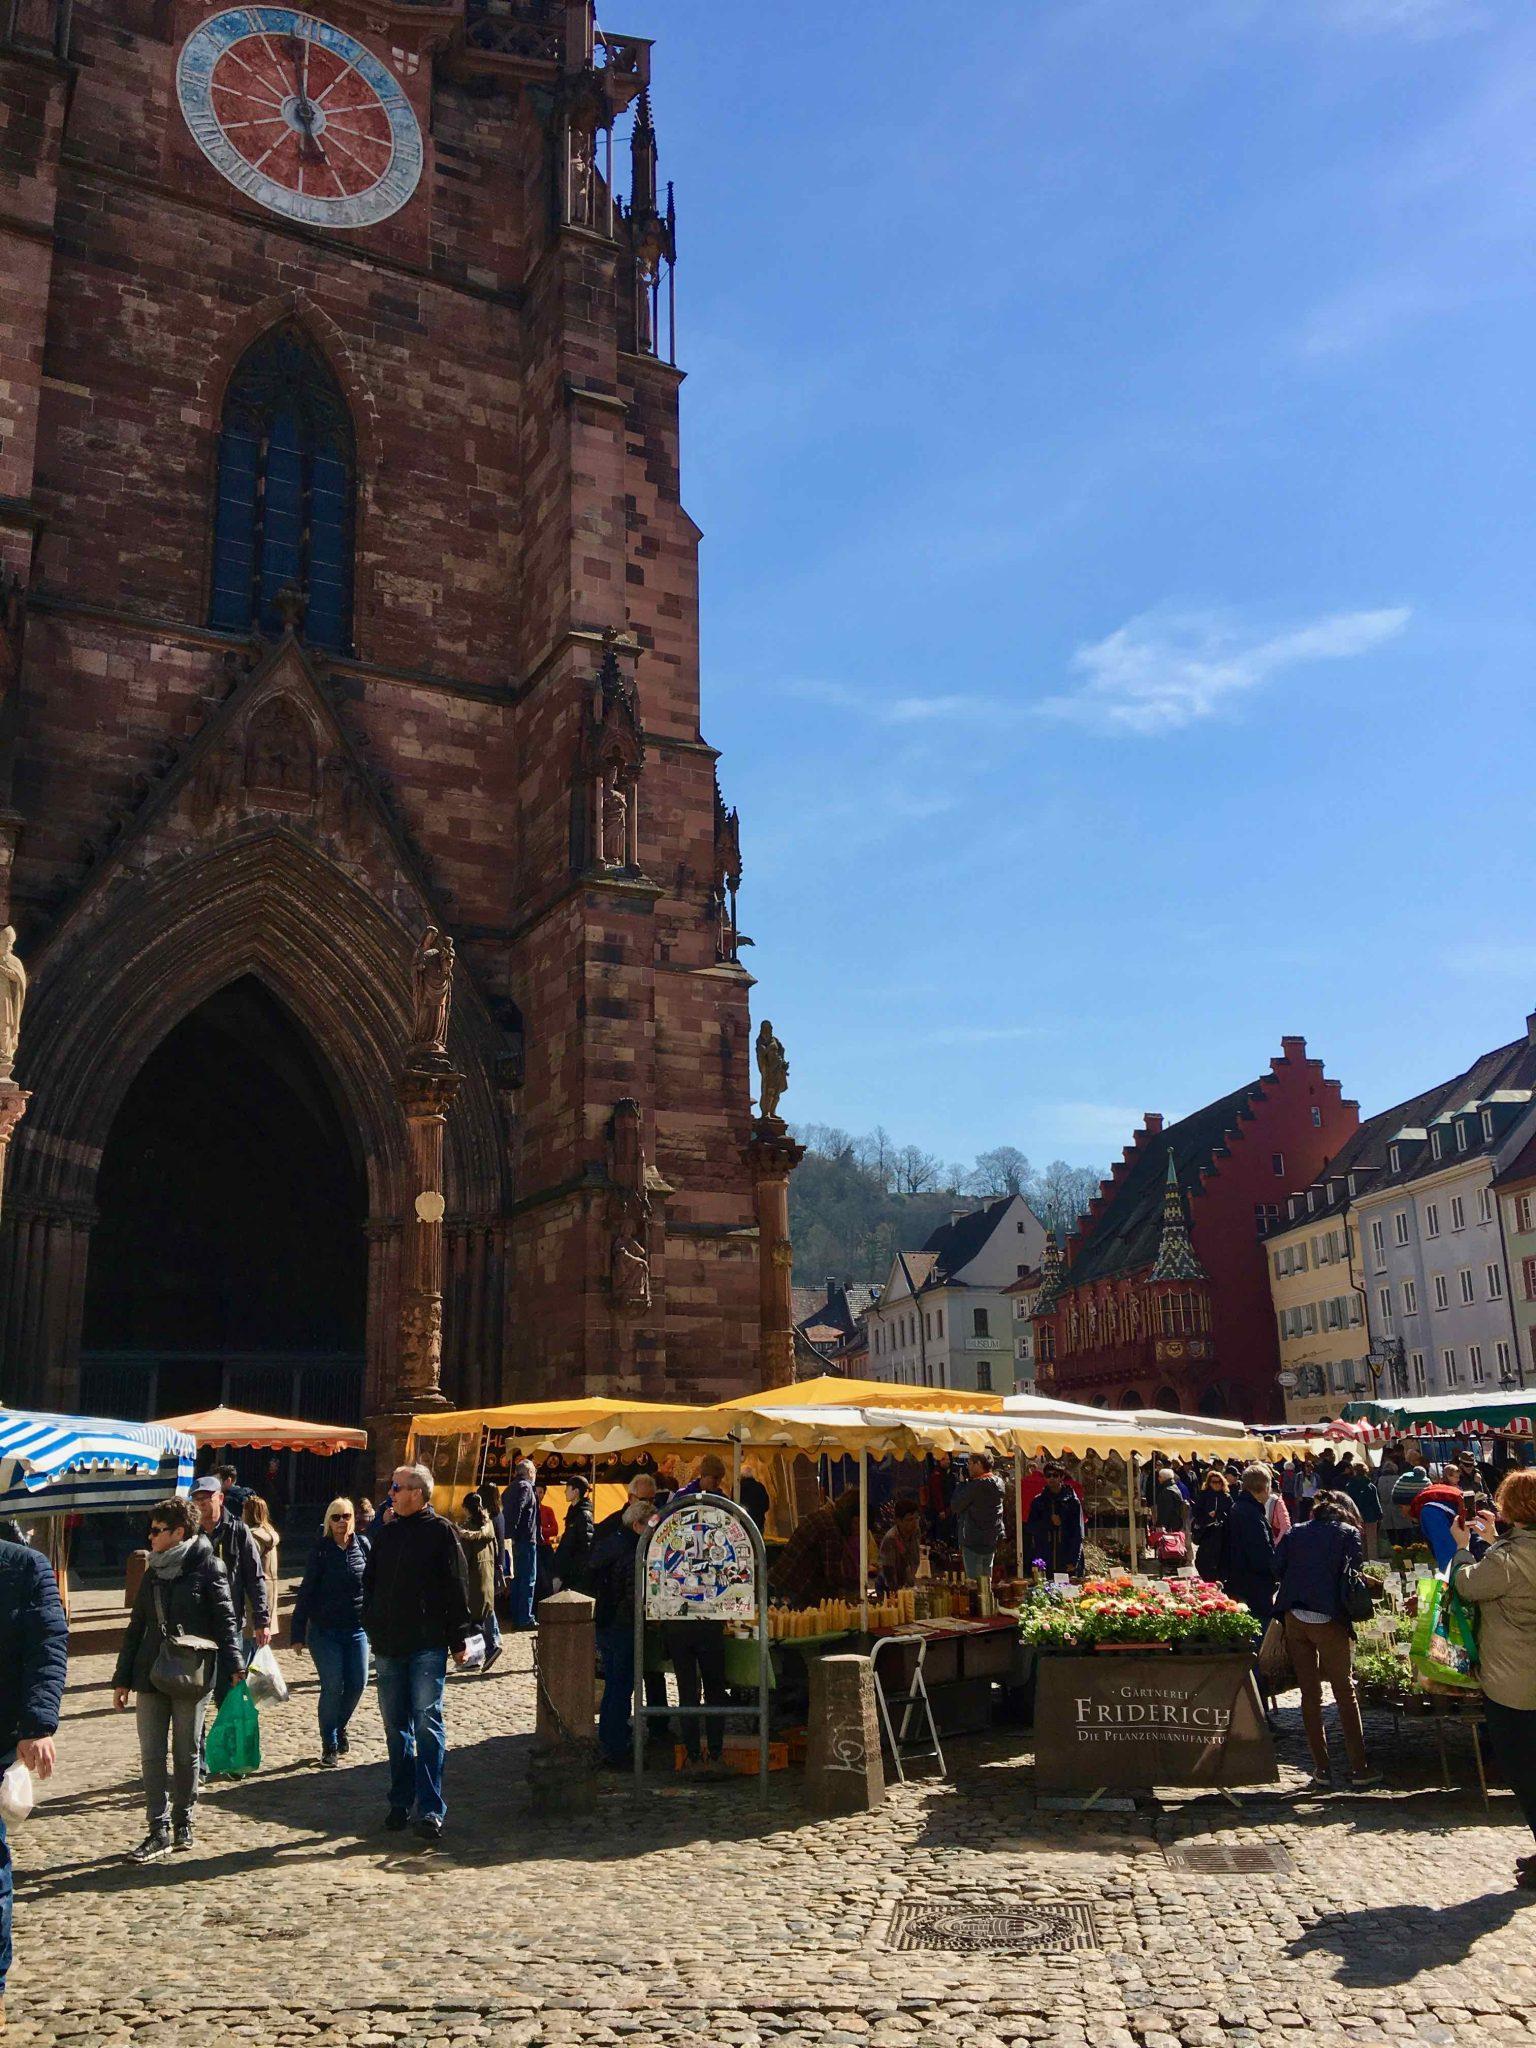 Rhababerglück - Freiburg Münstermarkt